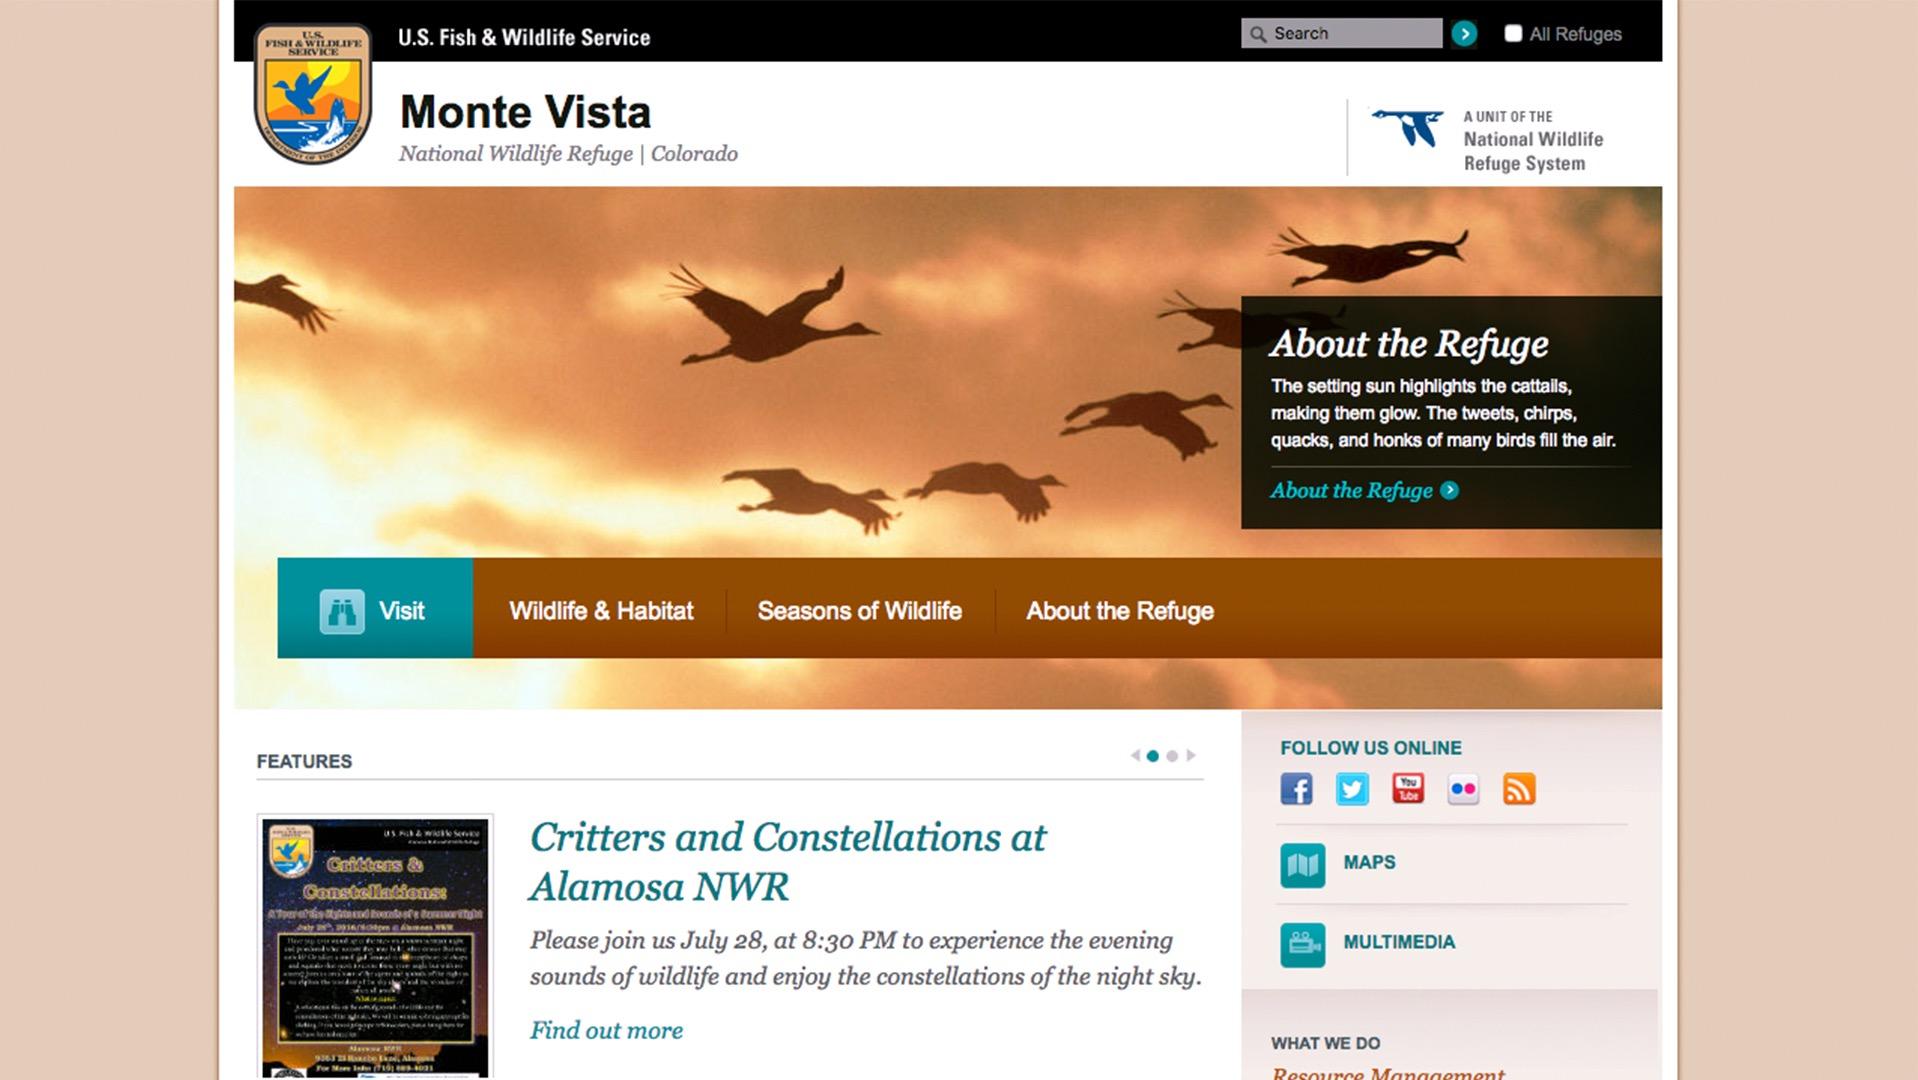 Monte Vista Wildlife Refuge website